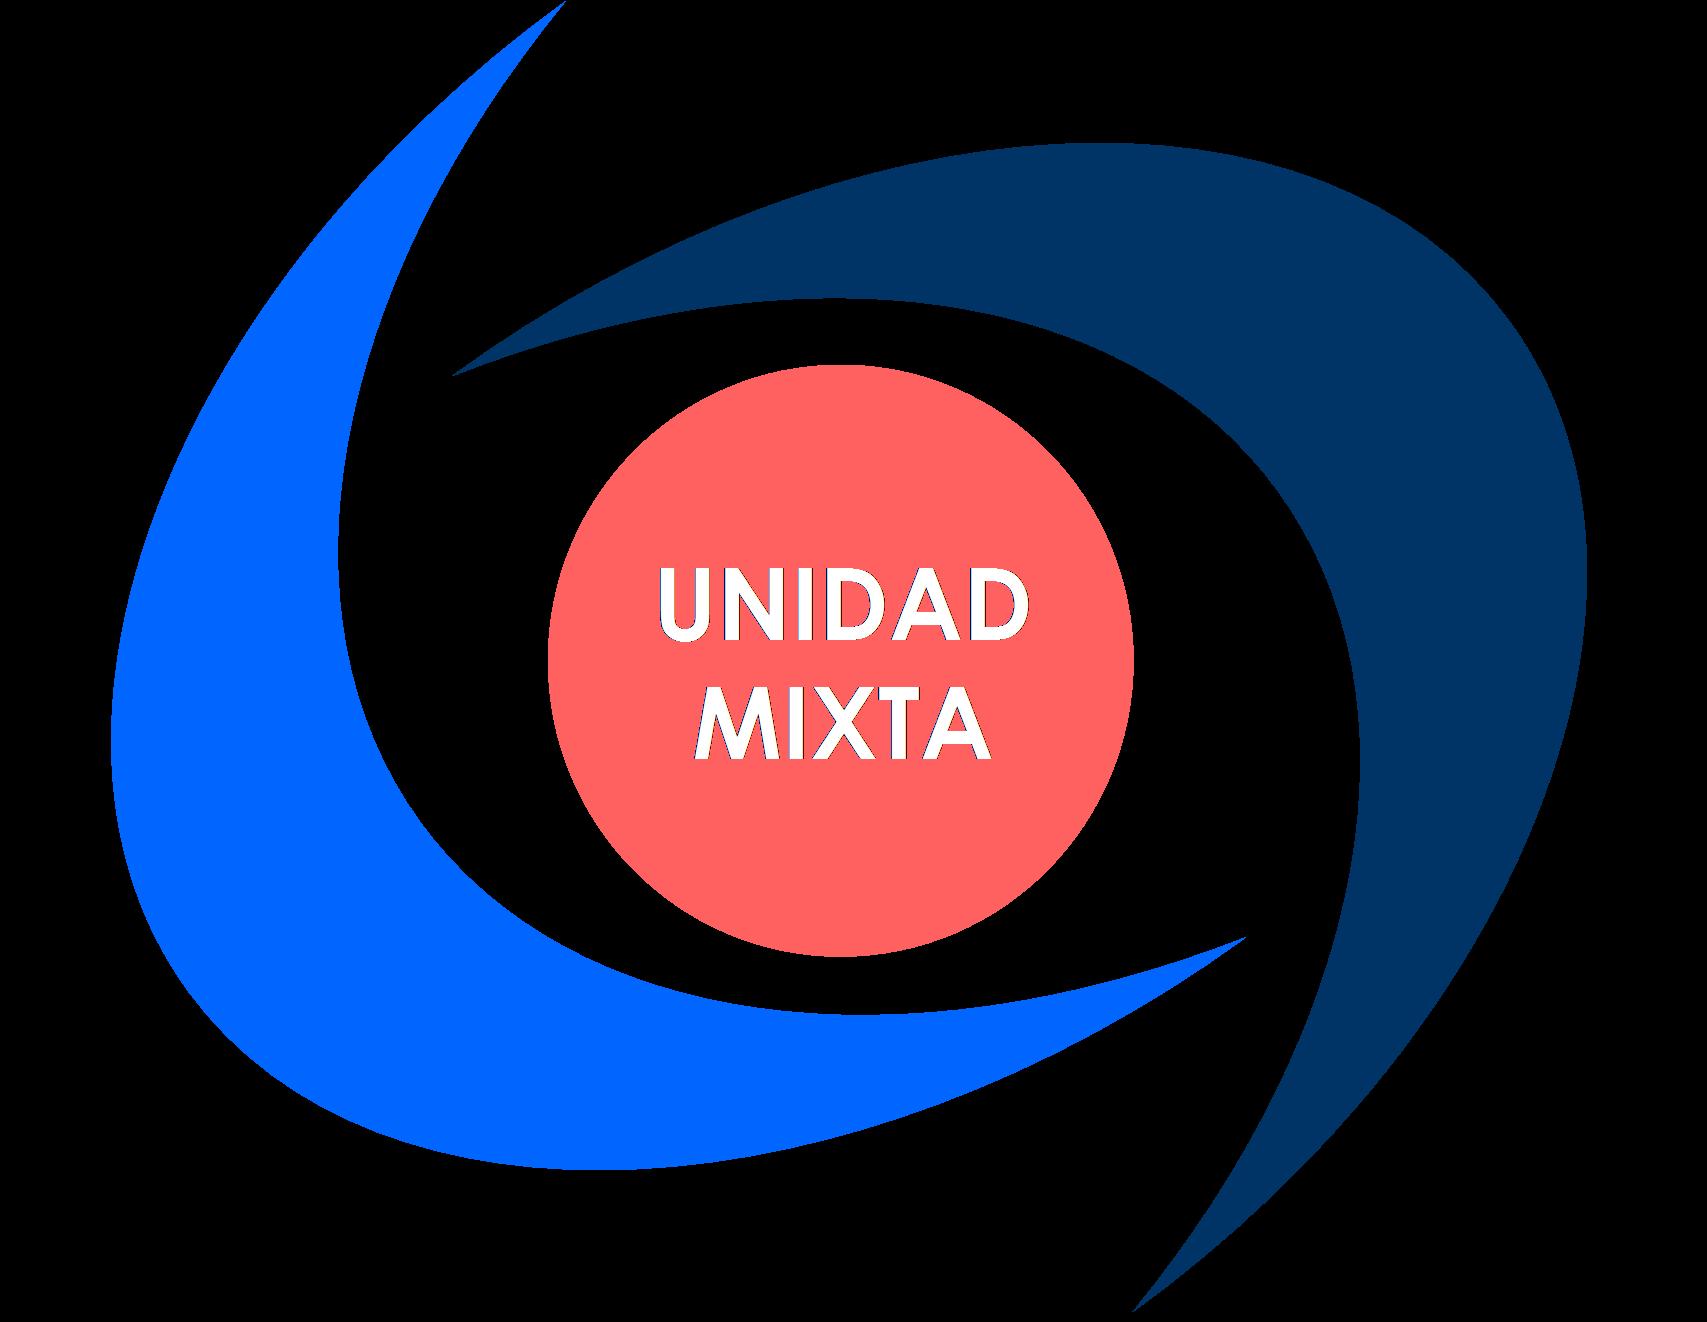 unidad-mixta